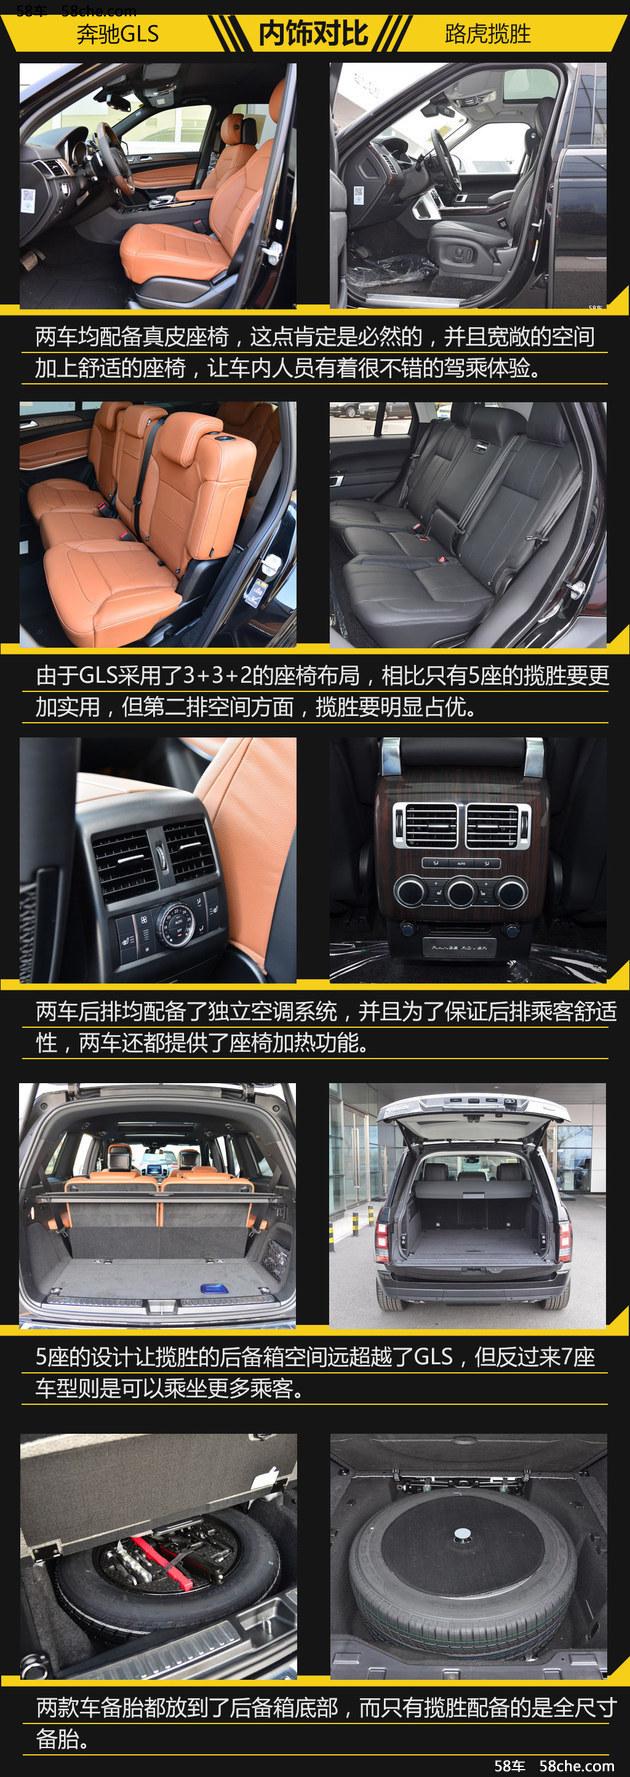 奔驰GLS过招路虎揽胜 百万级SUV难抉择